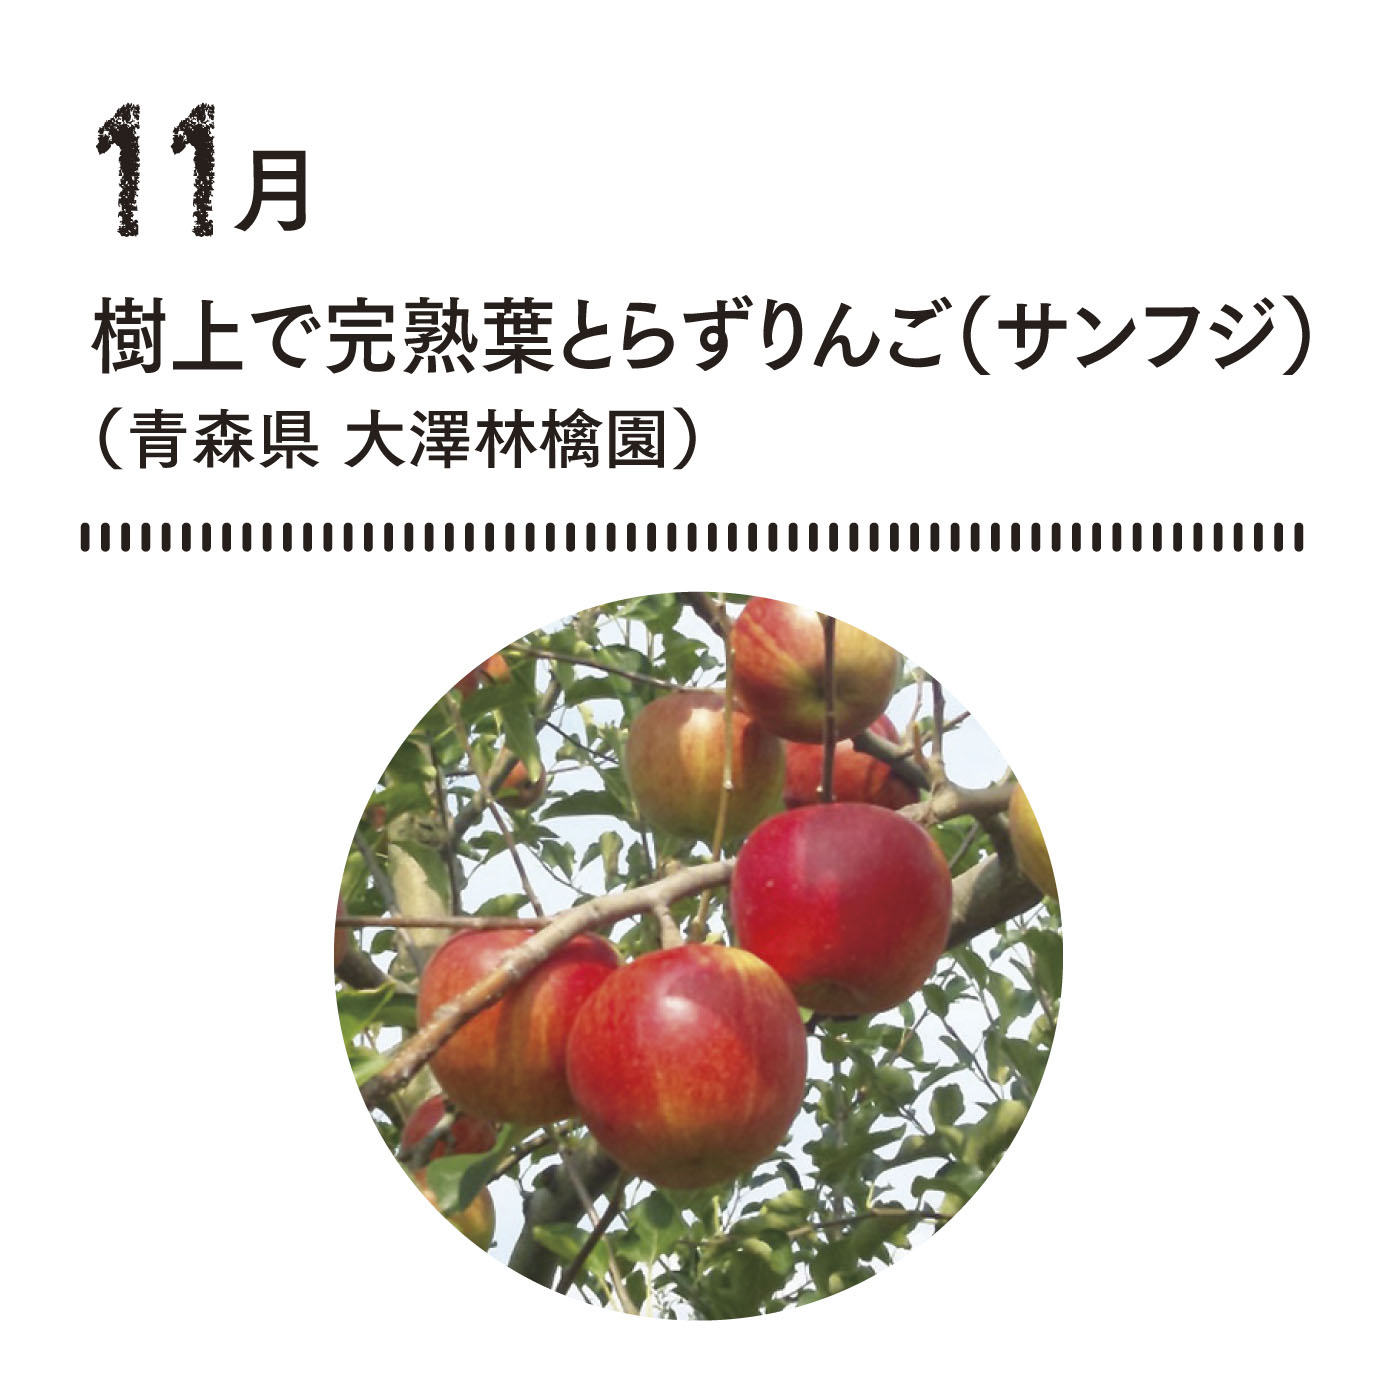 でんぷん質を作る葉をとらないのが甘さの極意! 一般より2週間前後収穫を遅らせ、樹上で完熟。おいしいりんご栽培への取り組みにも感動。■お届け時期 11月下旬〜12月上旬 約2kg(5〜6玉)